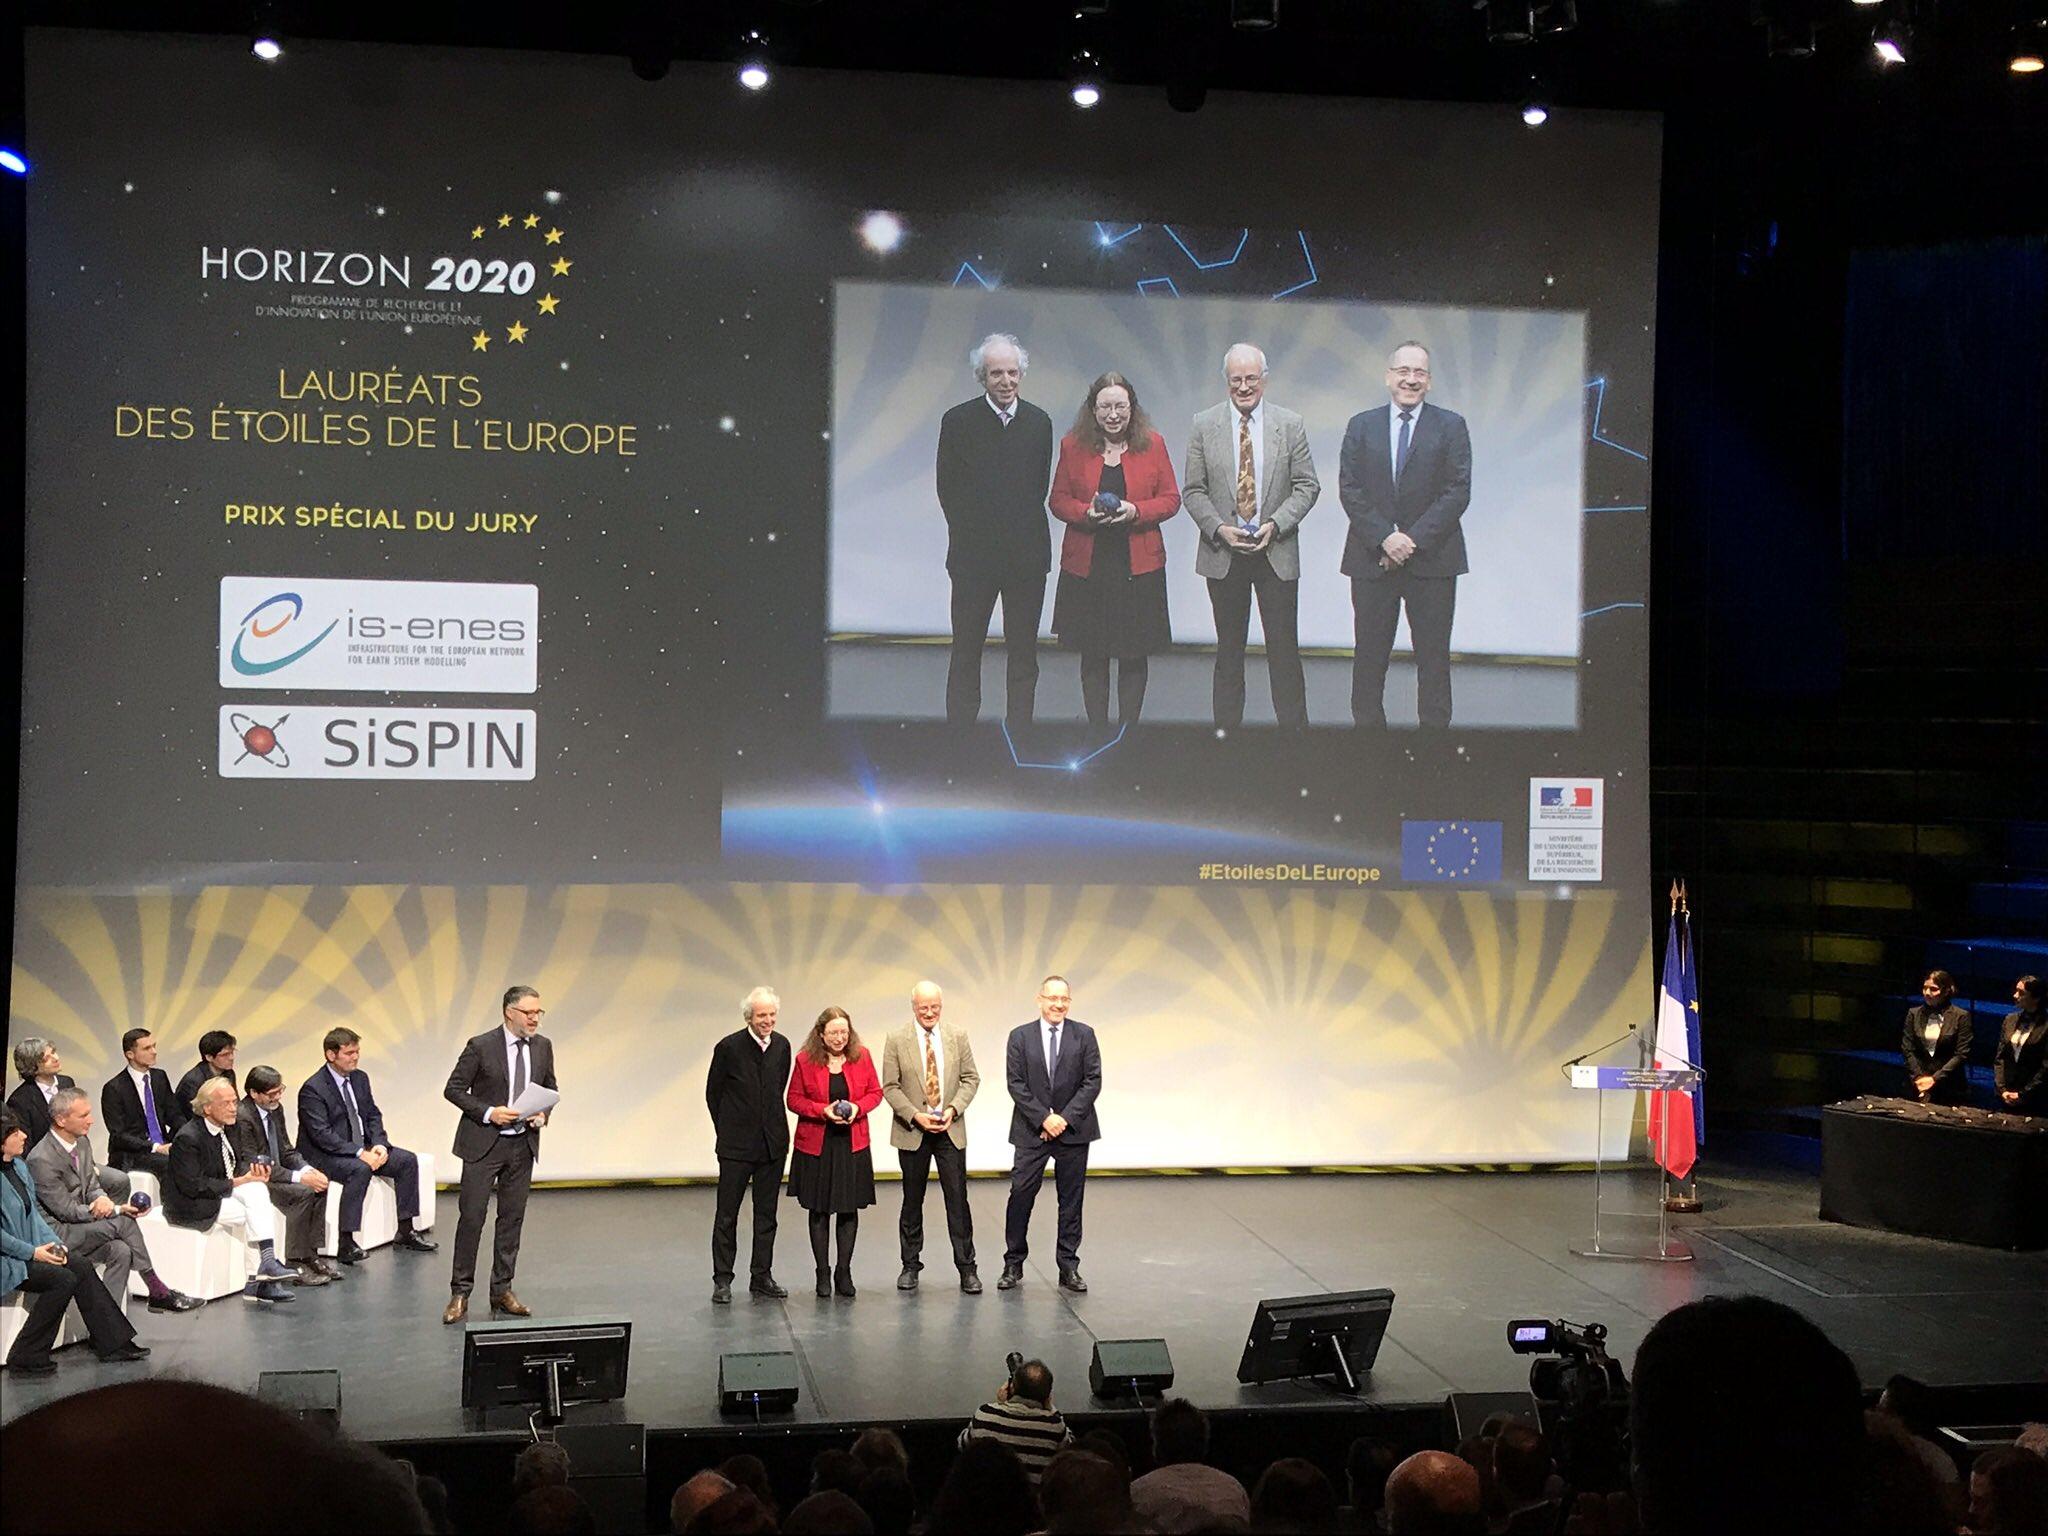 Prix des étoiles de l'Europe: projet IS-ENES2, Sylvie Joussaume, coordinatrice scientifique